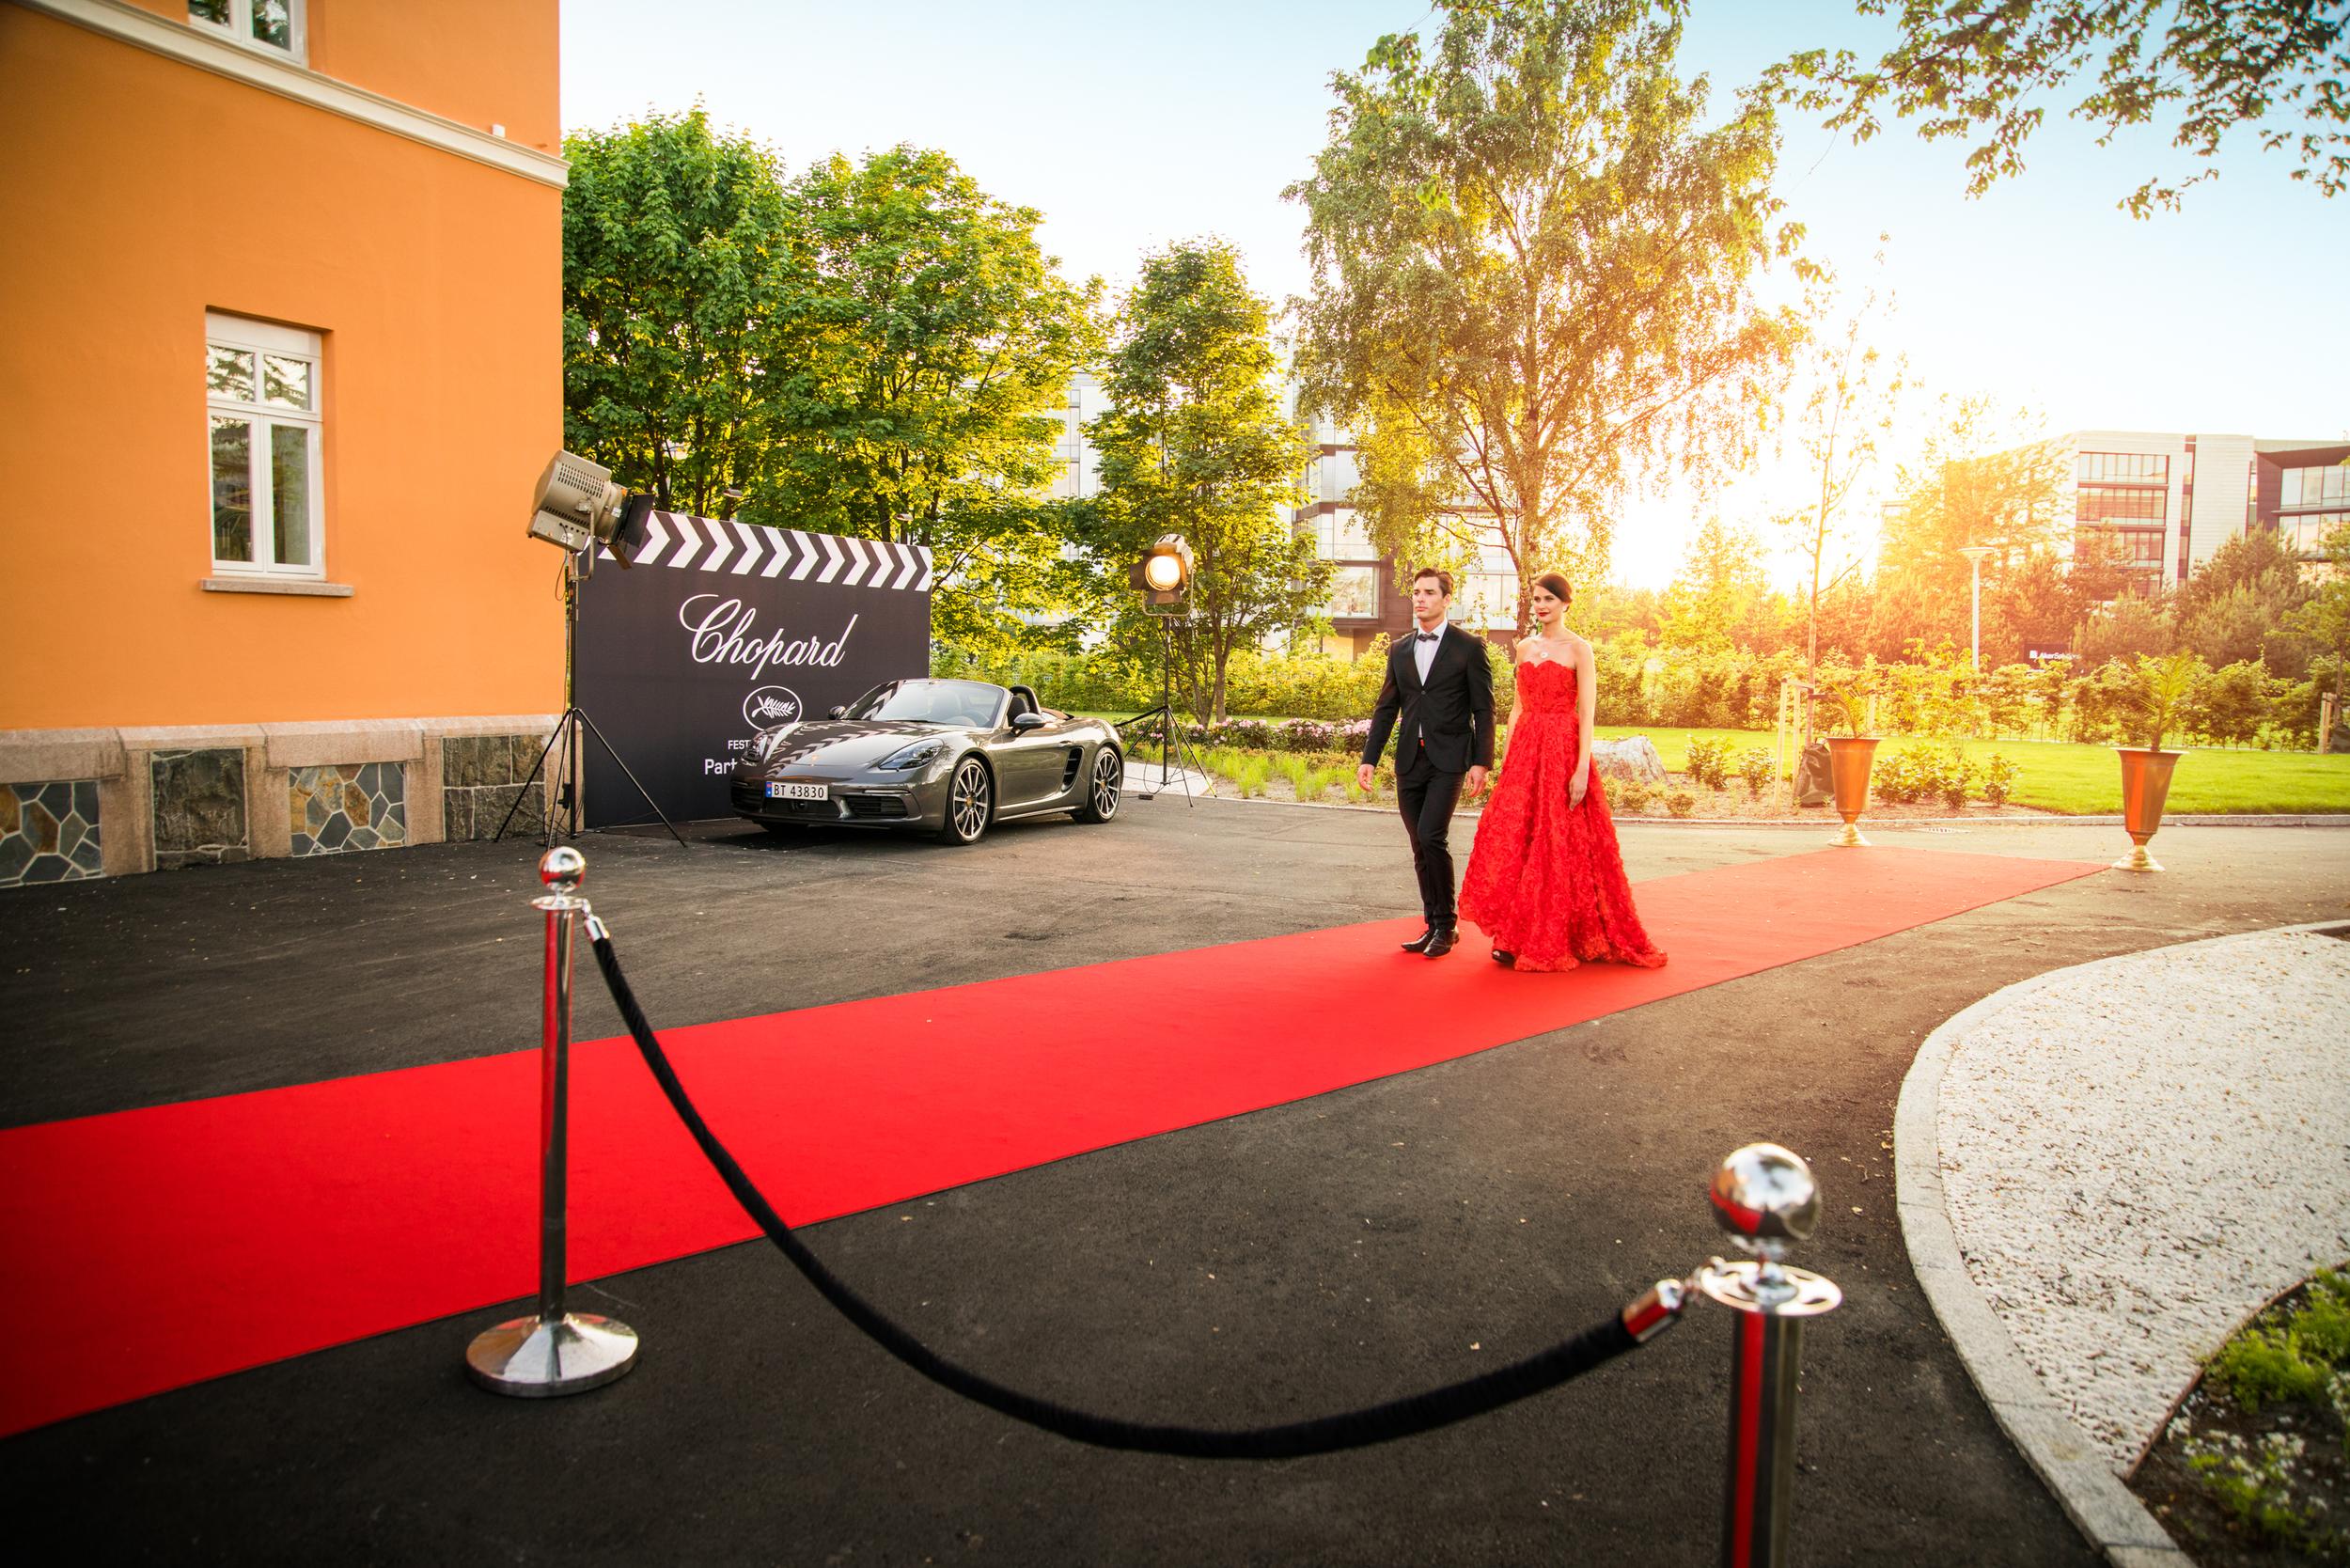 Porsche-Chopard Event_Oslo_June 1st, 2016_Kyle Meyr_HR-25.jpg